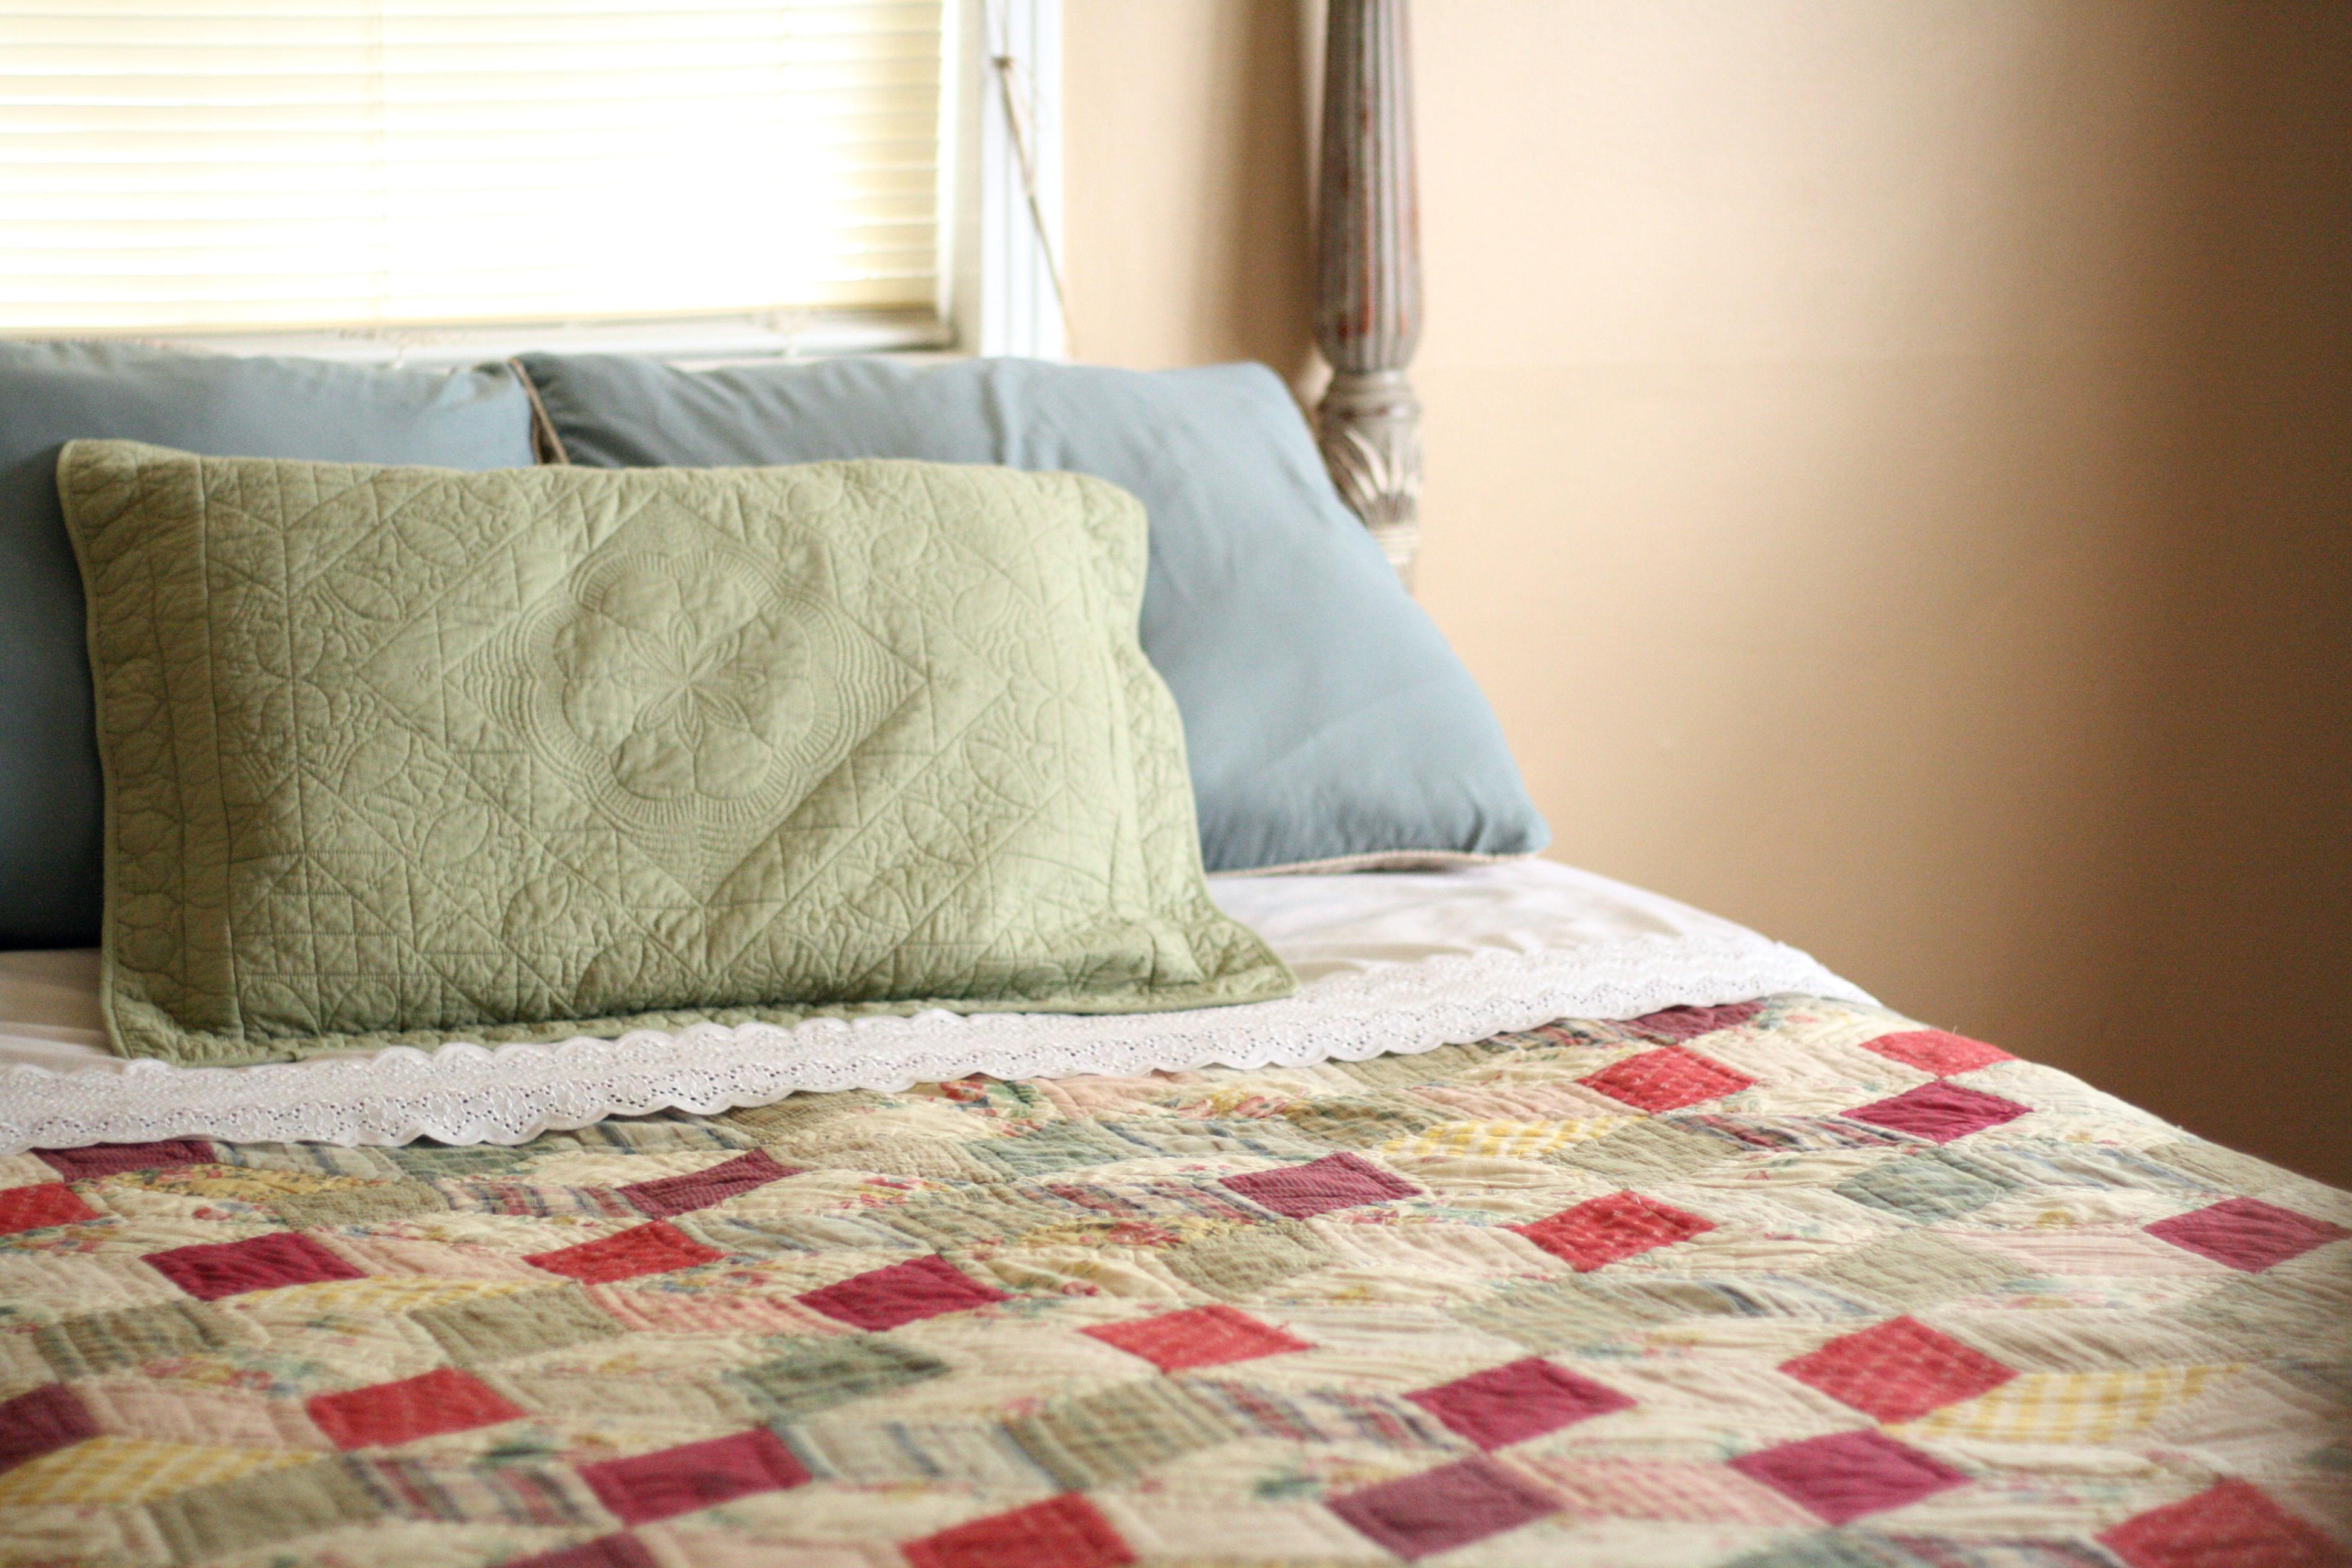 Hotel Bed Making Procedures Career Trend